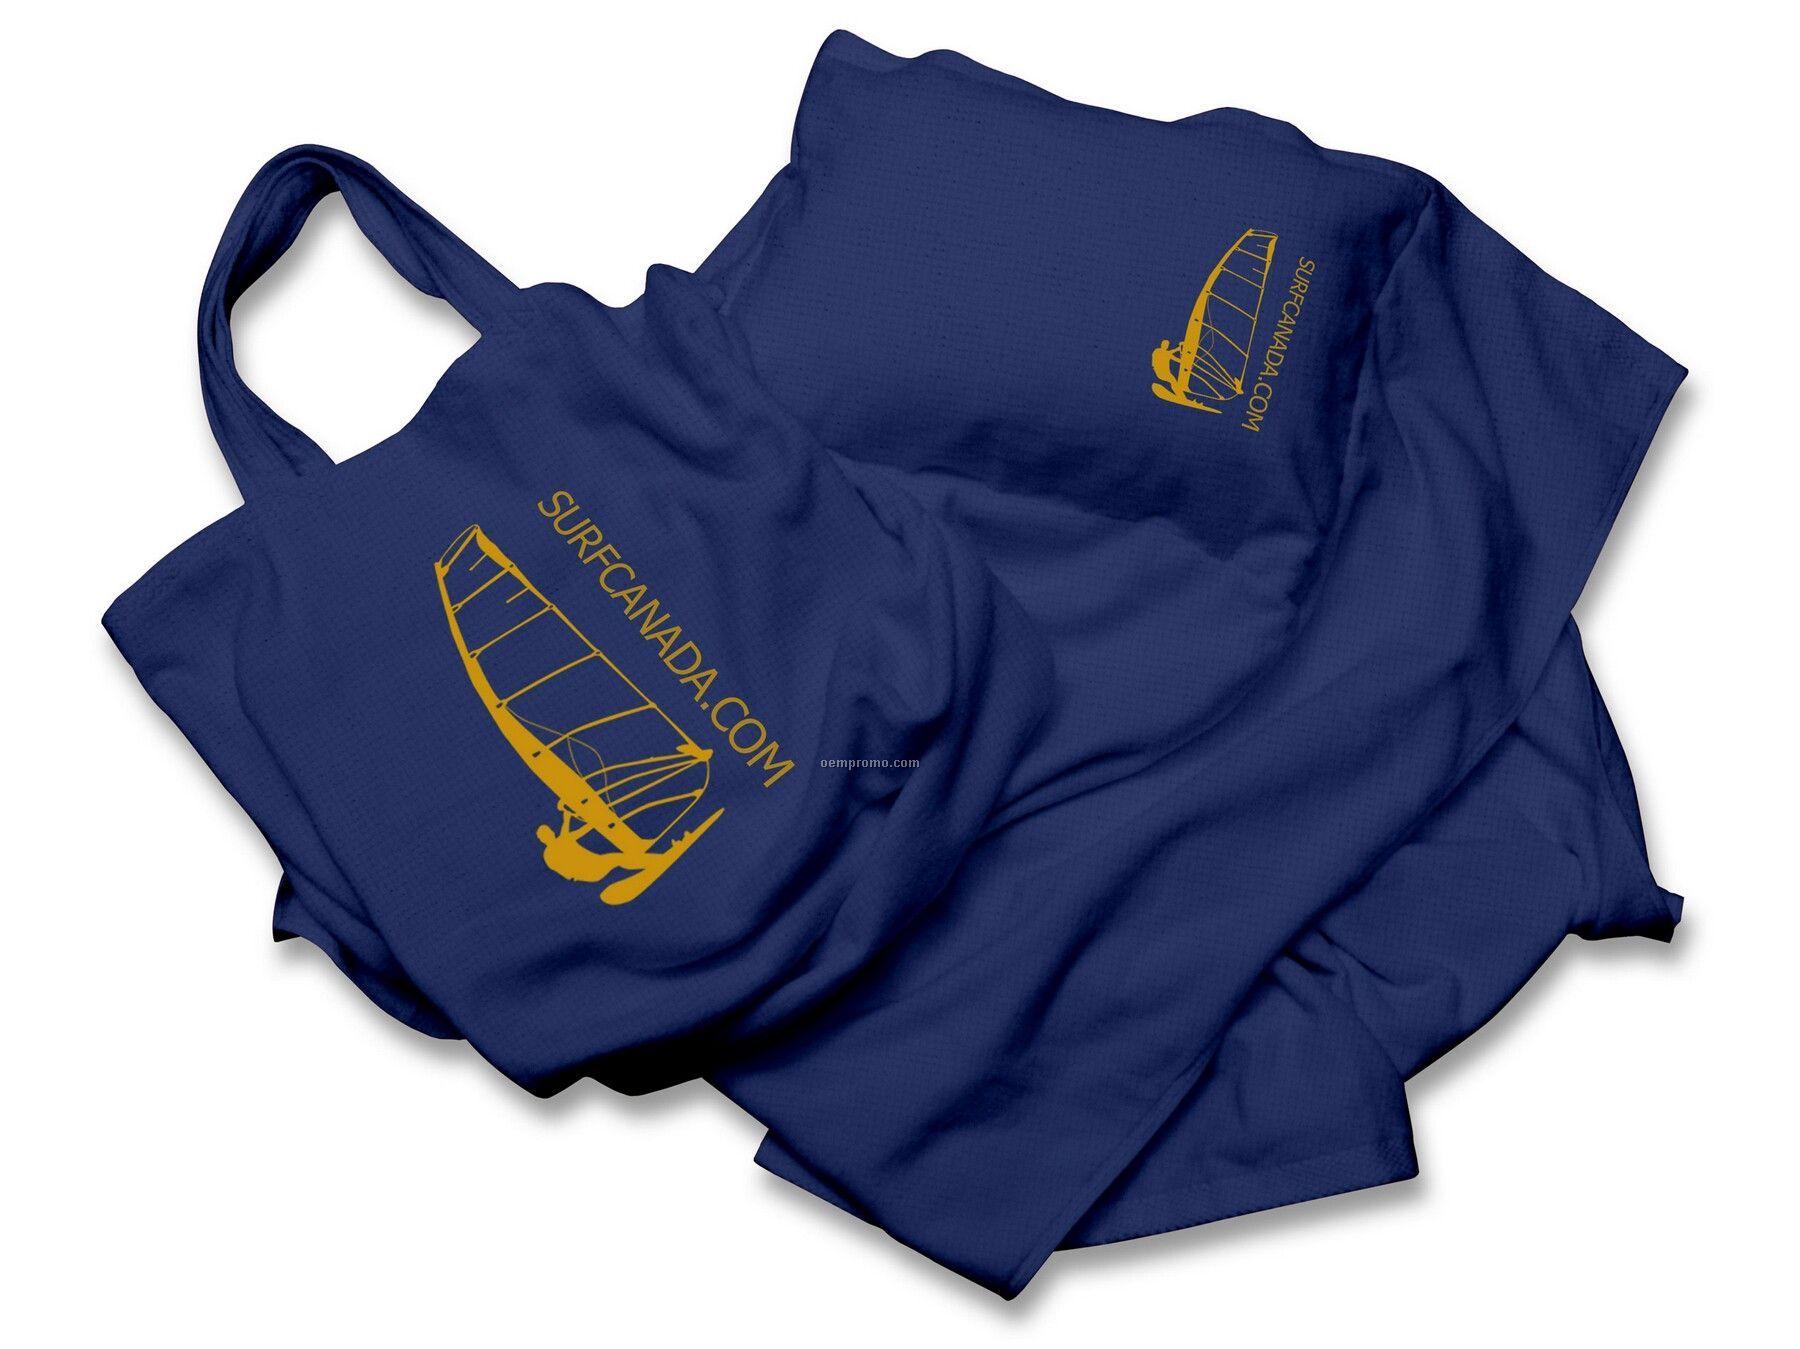 The Dri-lite Towel 'n Tote Bag